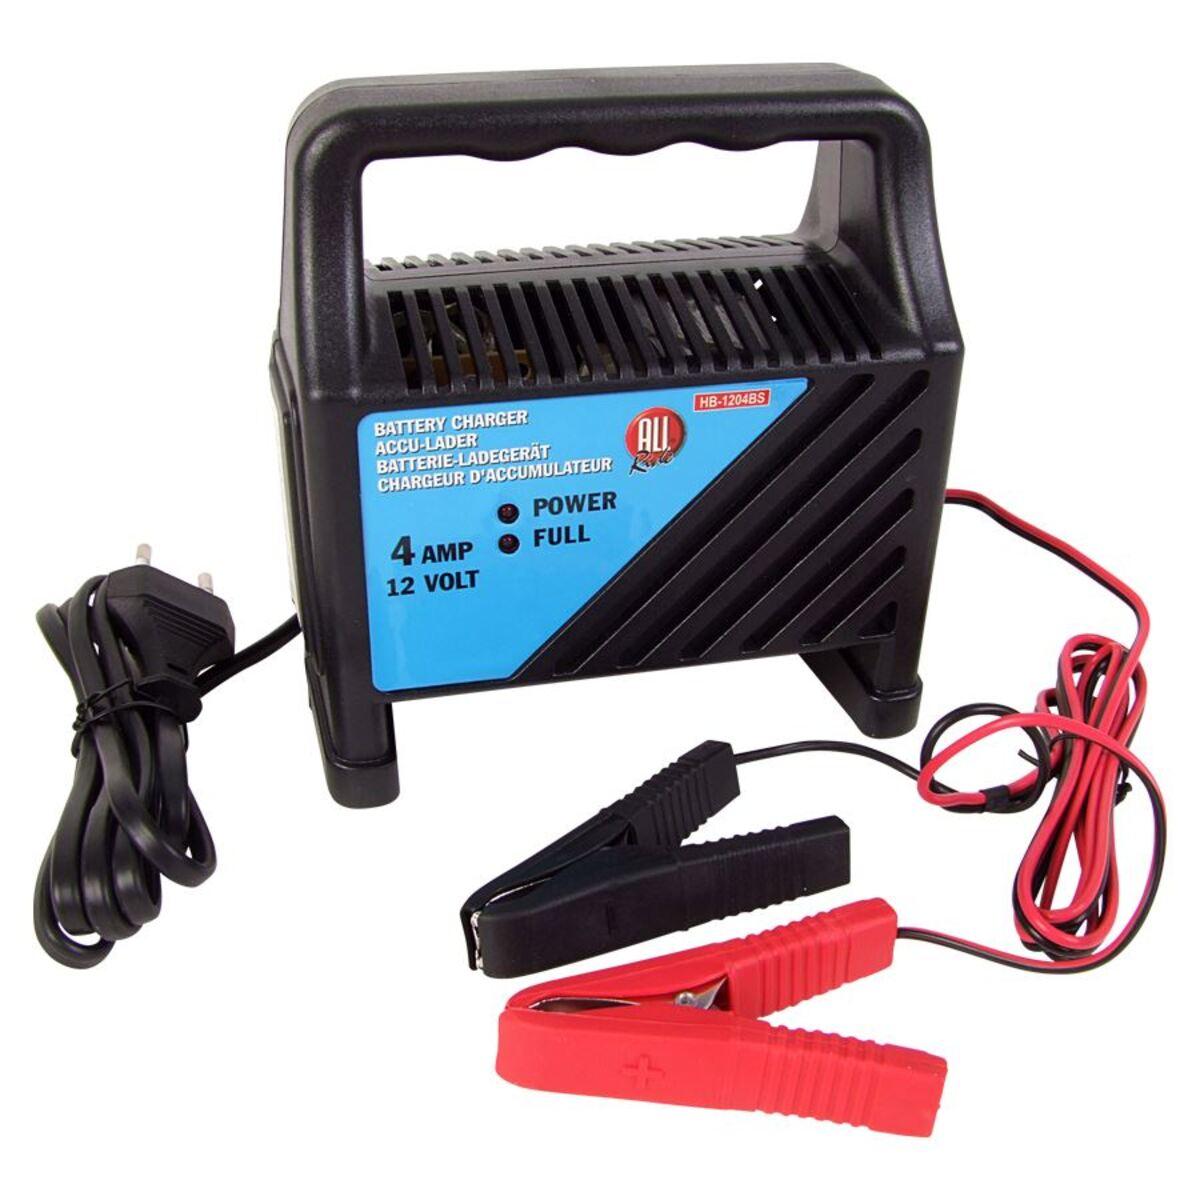 Bild 1 von Autobatterie-Ladegerät HB-1204BS